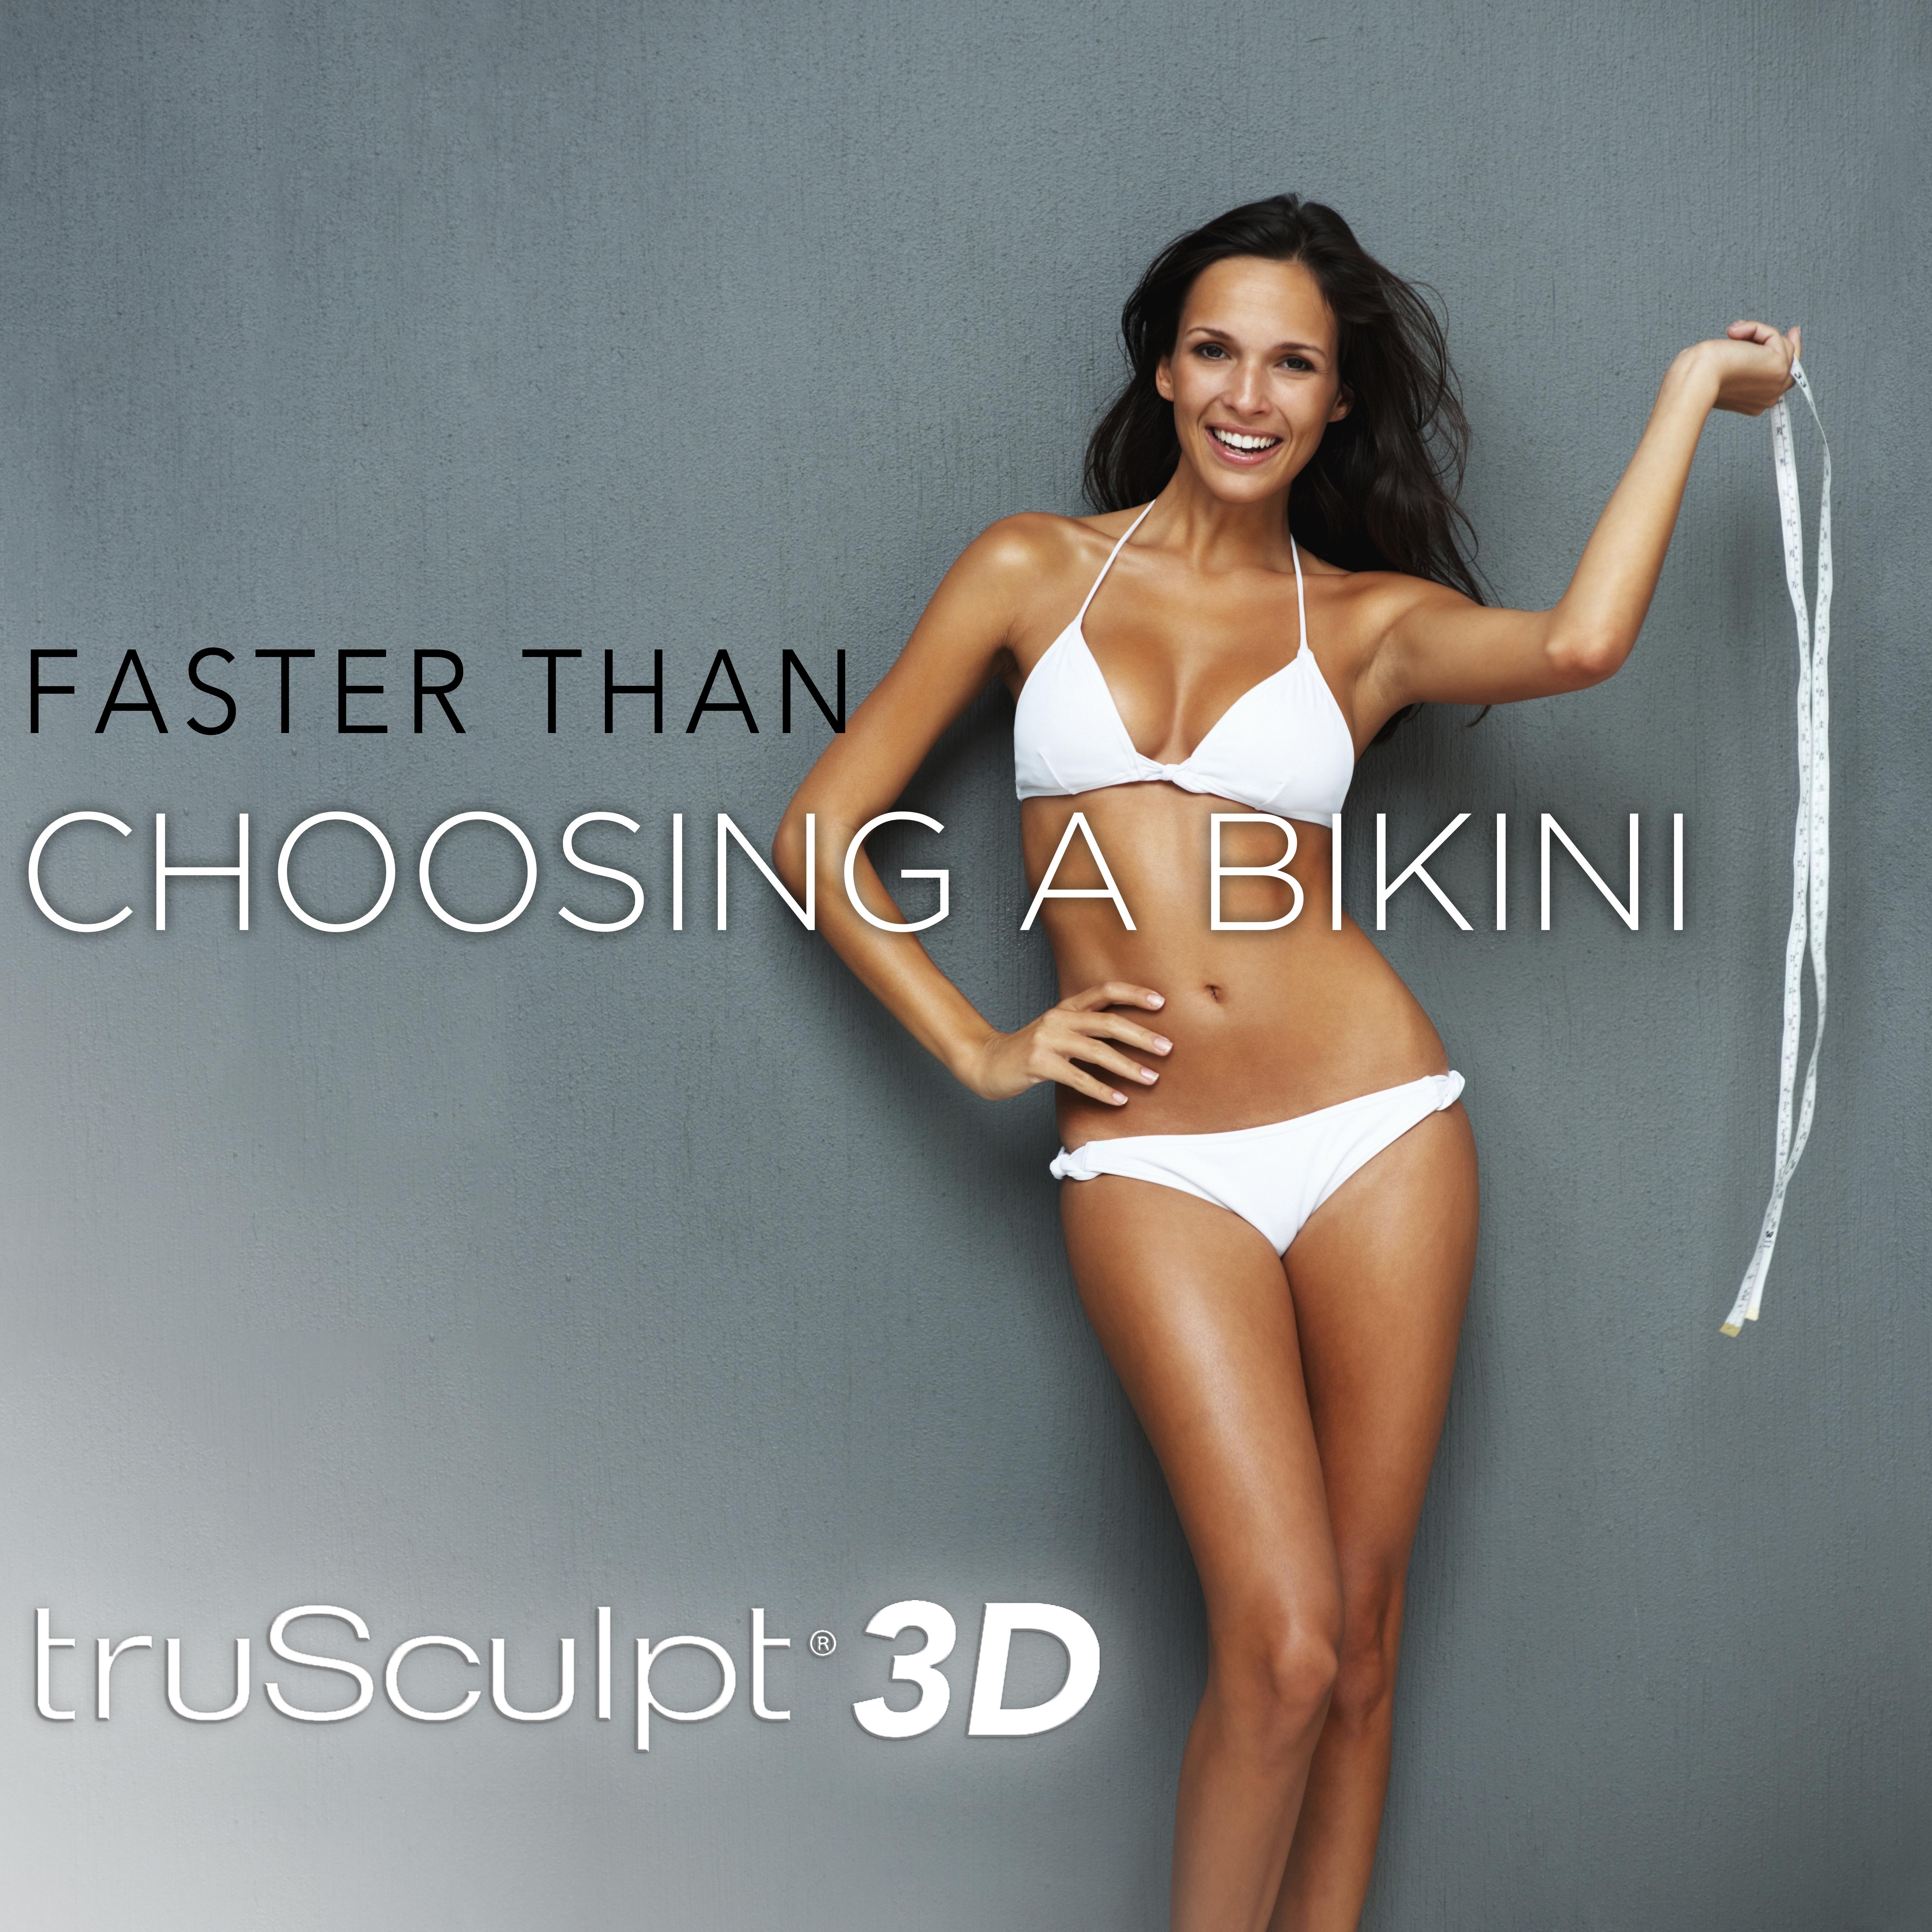 trusculpt-3d-faster-bikini-ad.jpg